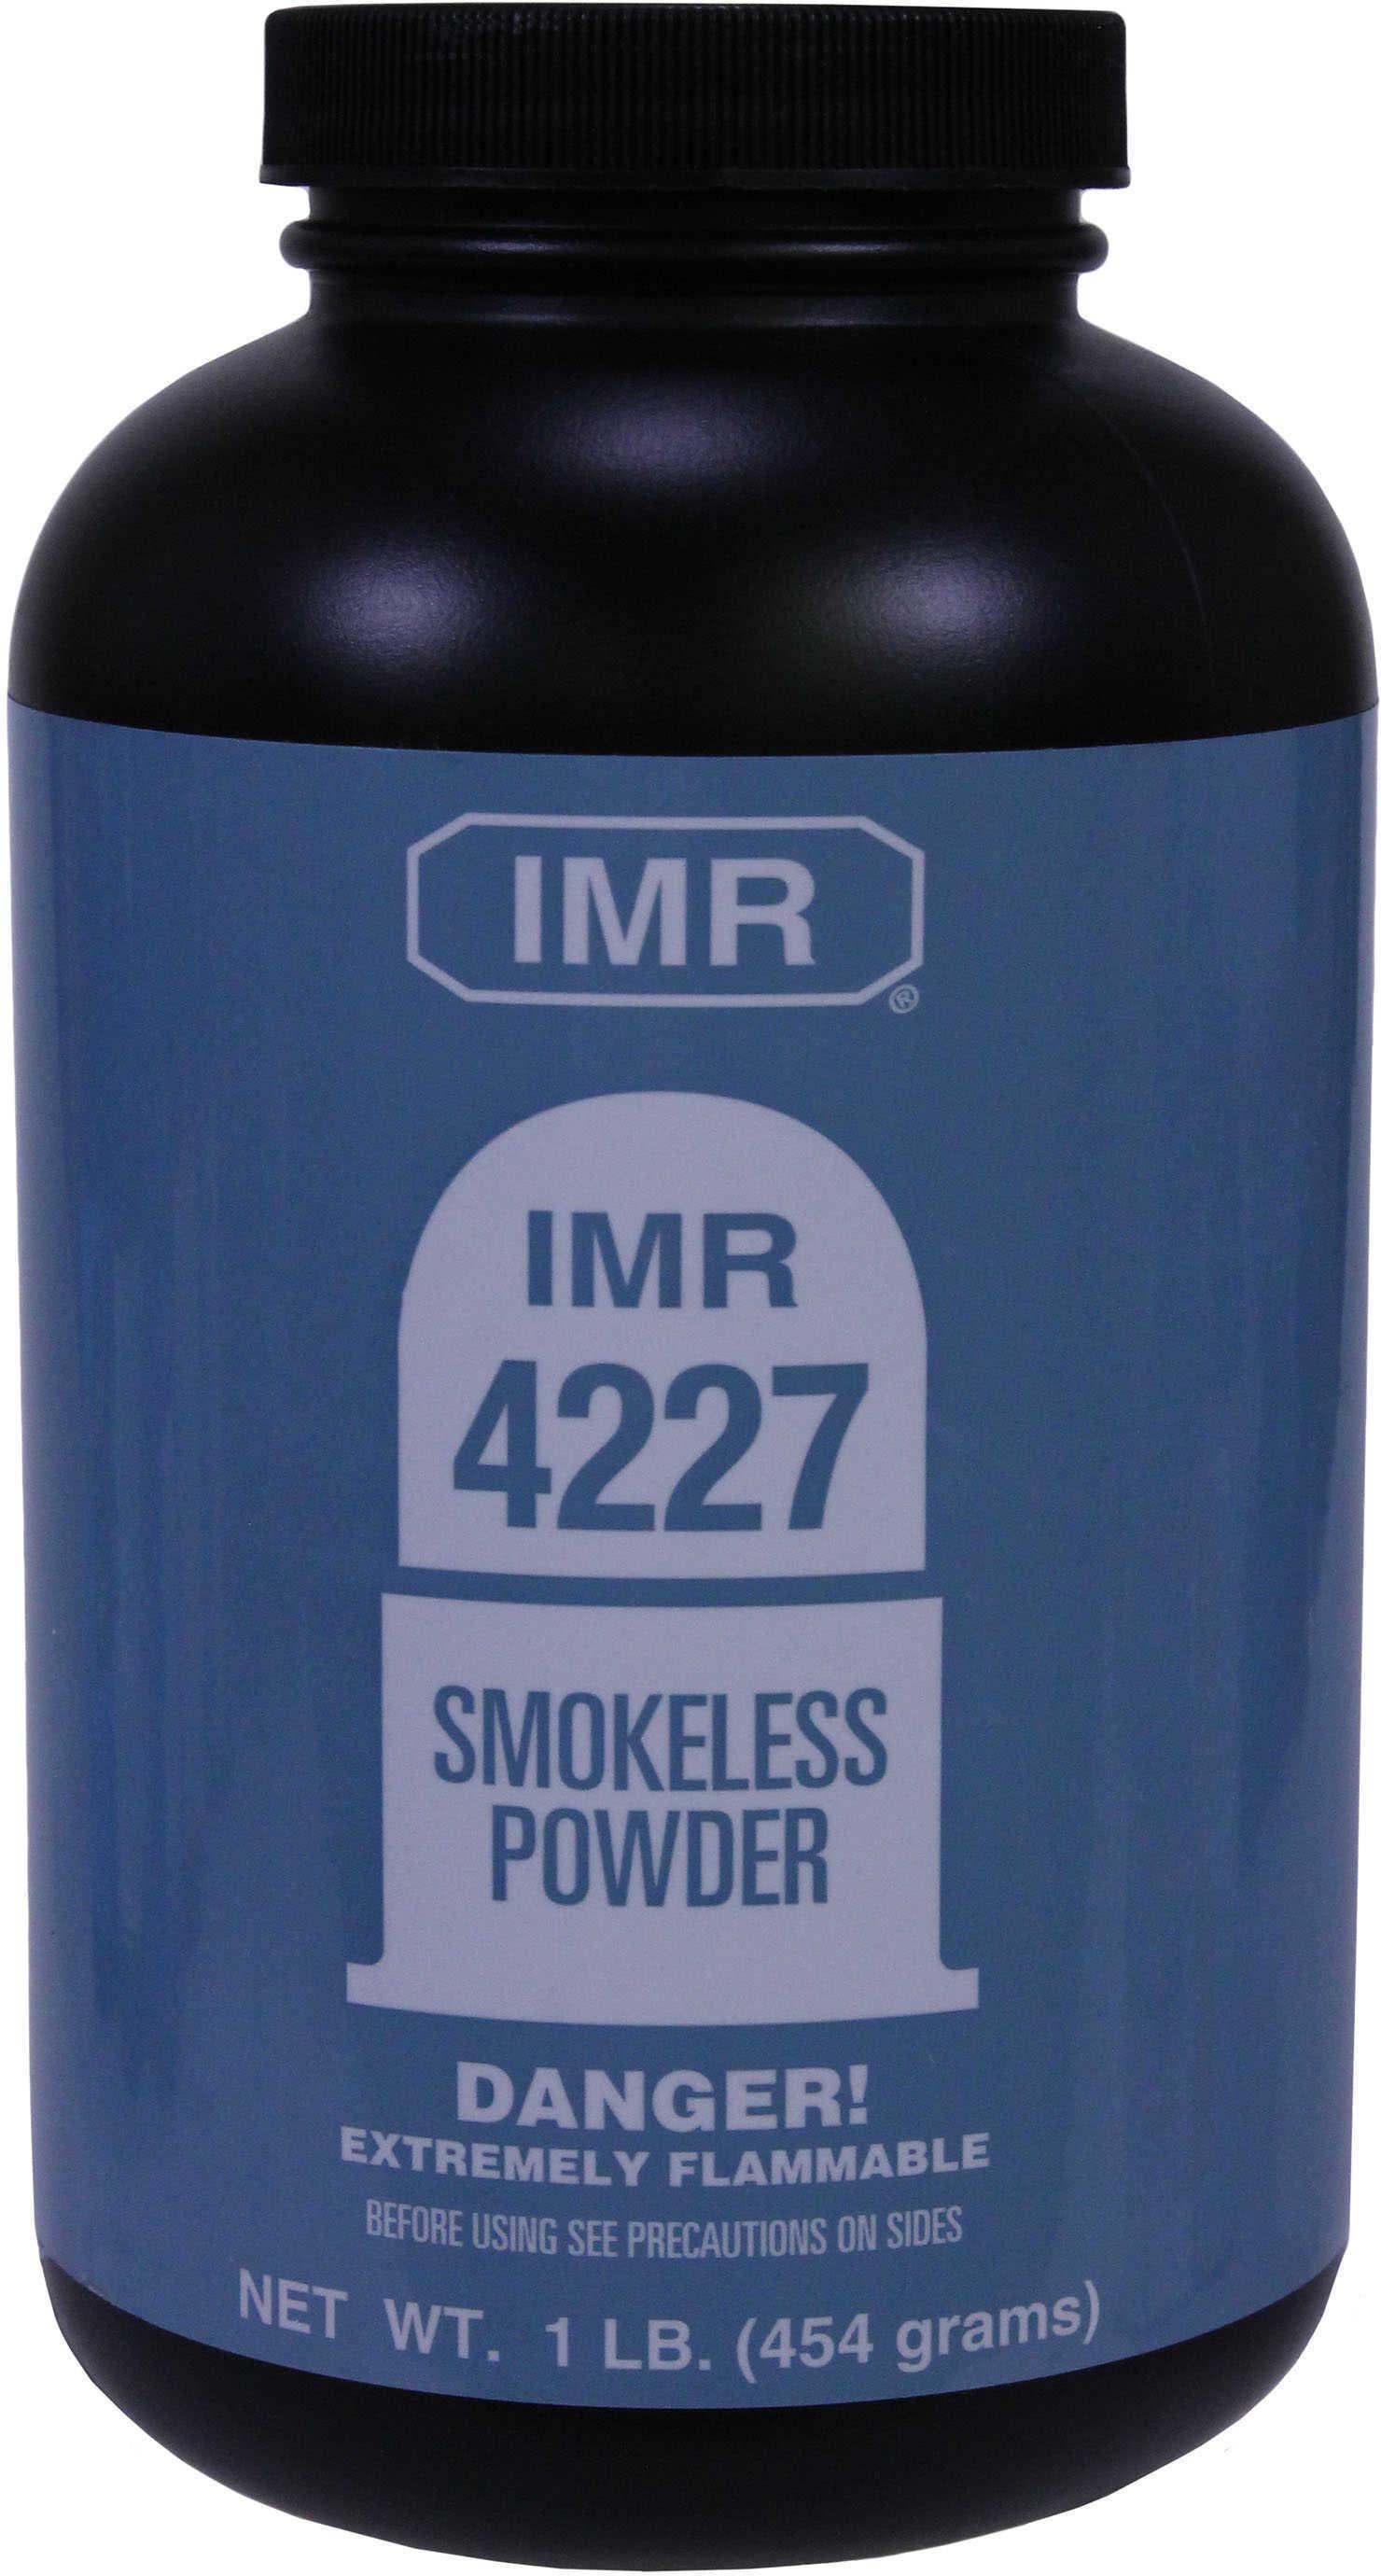 IMR Smokeless Powder 4227  1 Lbs.